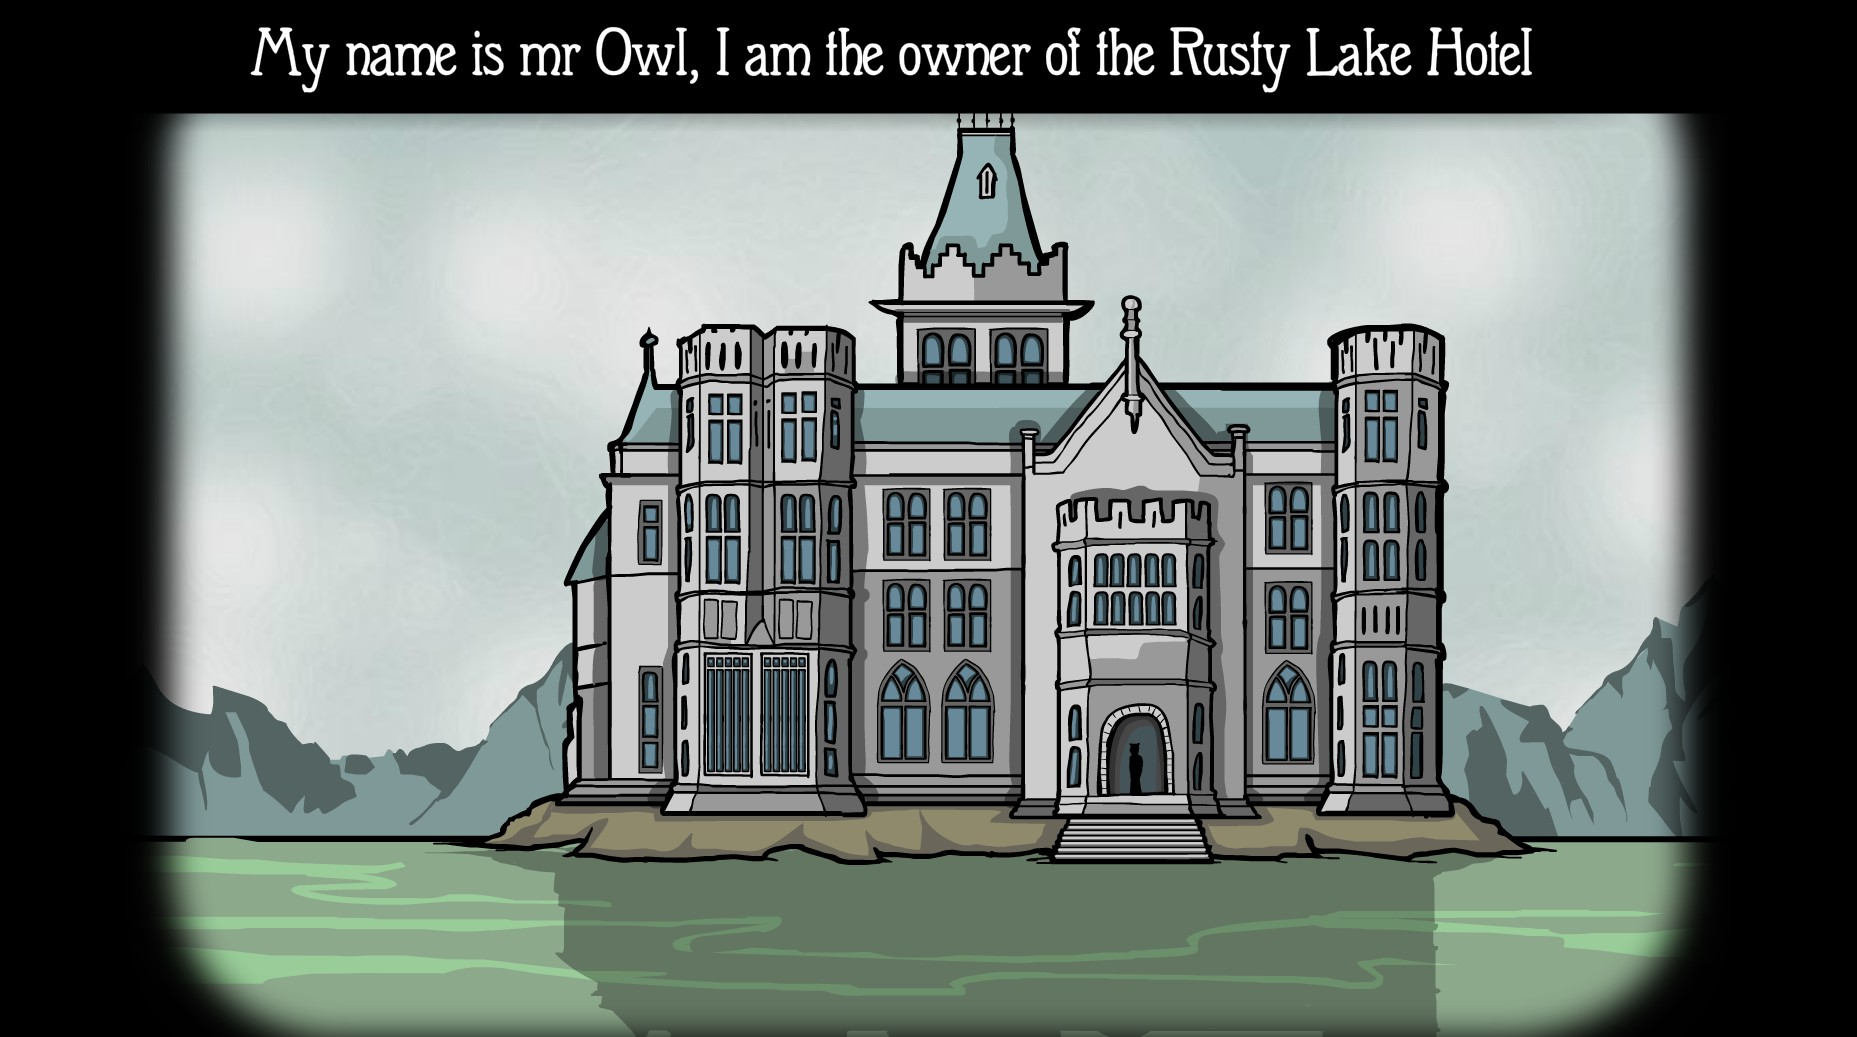 """広大な湖のほとりにたたずむ「Rusty Lake Hotel」。ボートがなければ対岸からホテルに着けないという立地は推理小説における「雪山の山荘」や「孤島の洋館」をイメージさせ、いかにも""""何か""""が起こりそうだ。"""